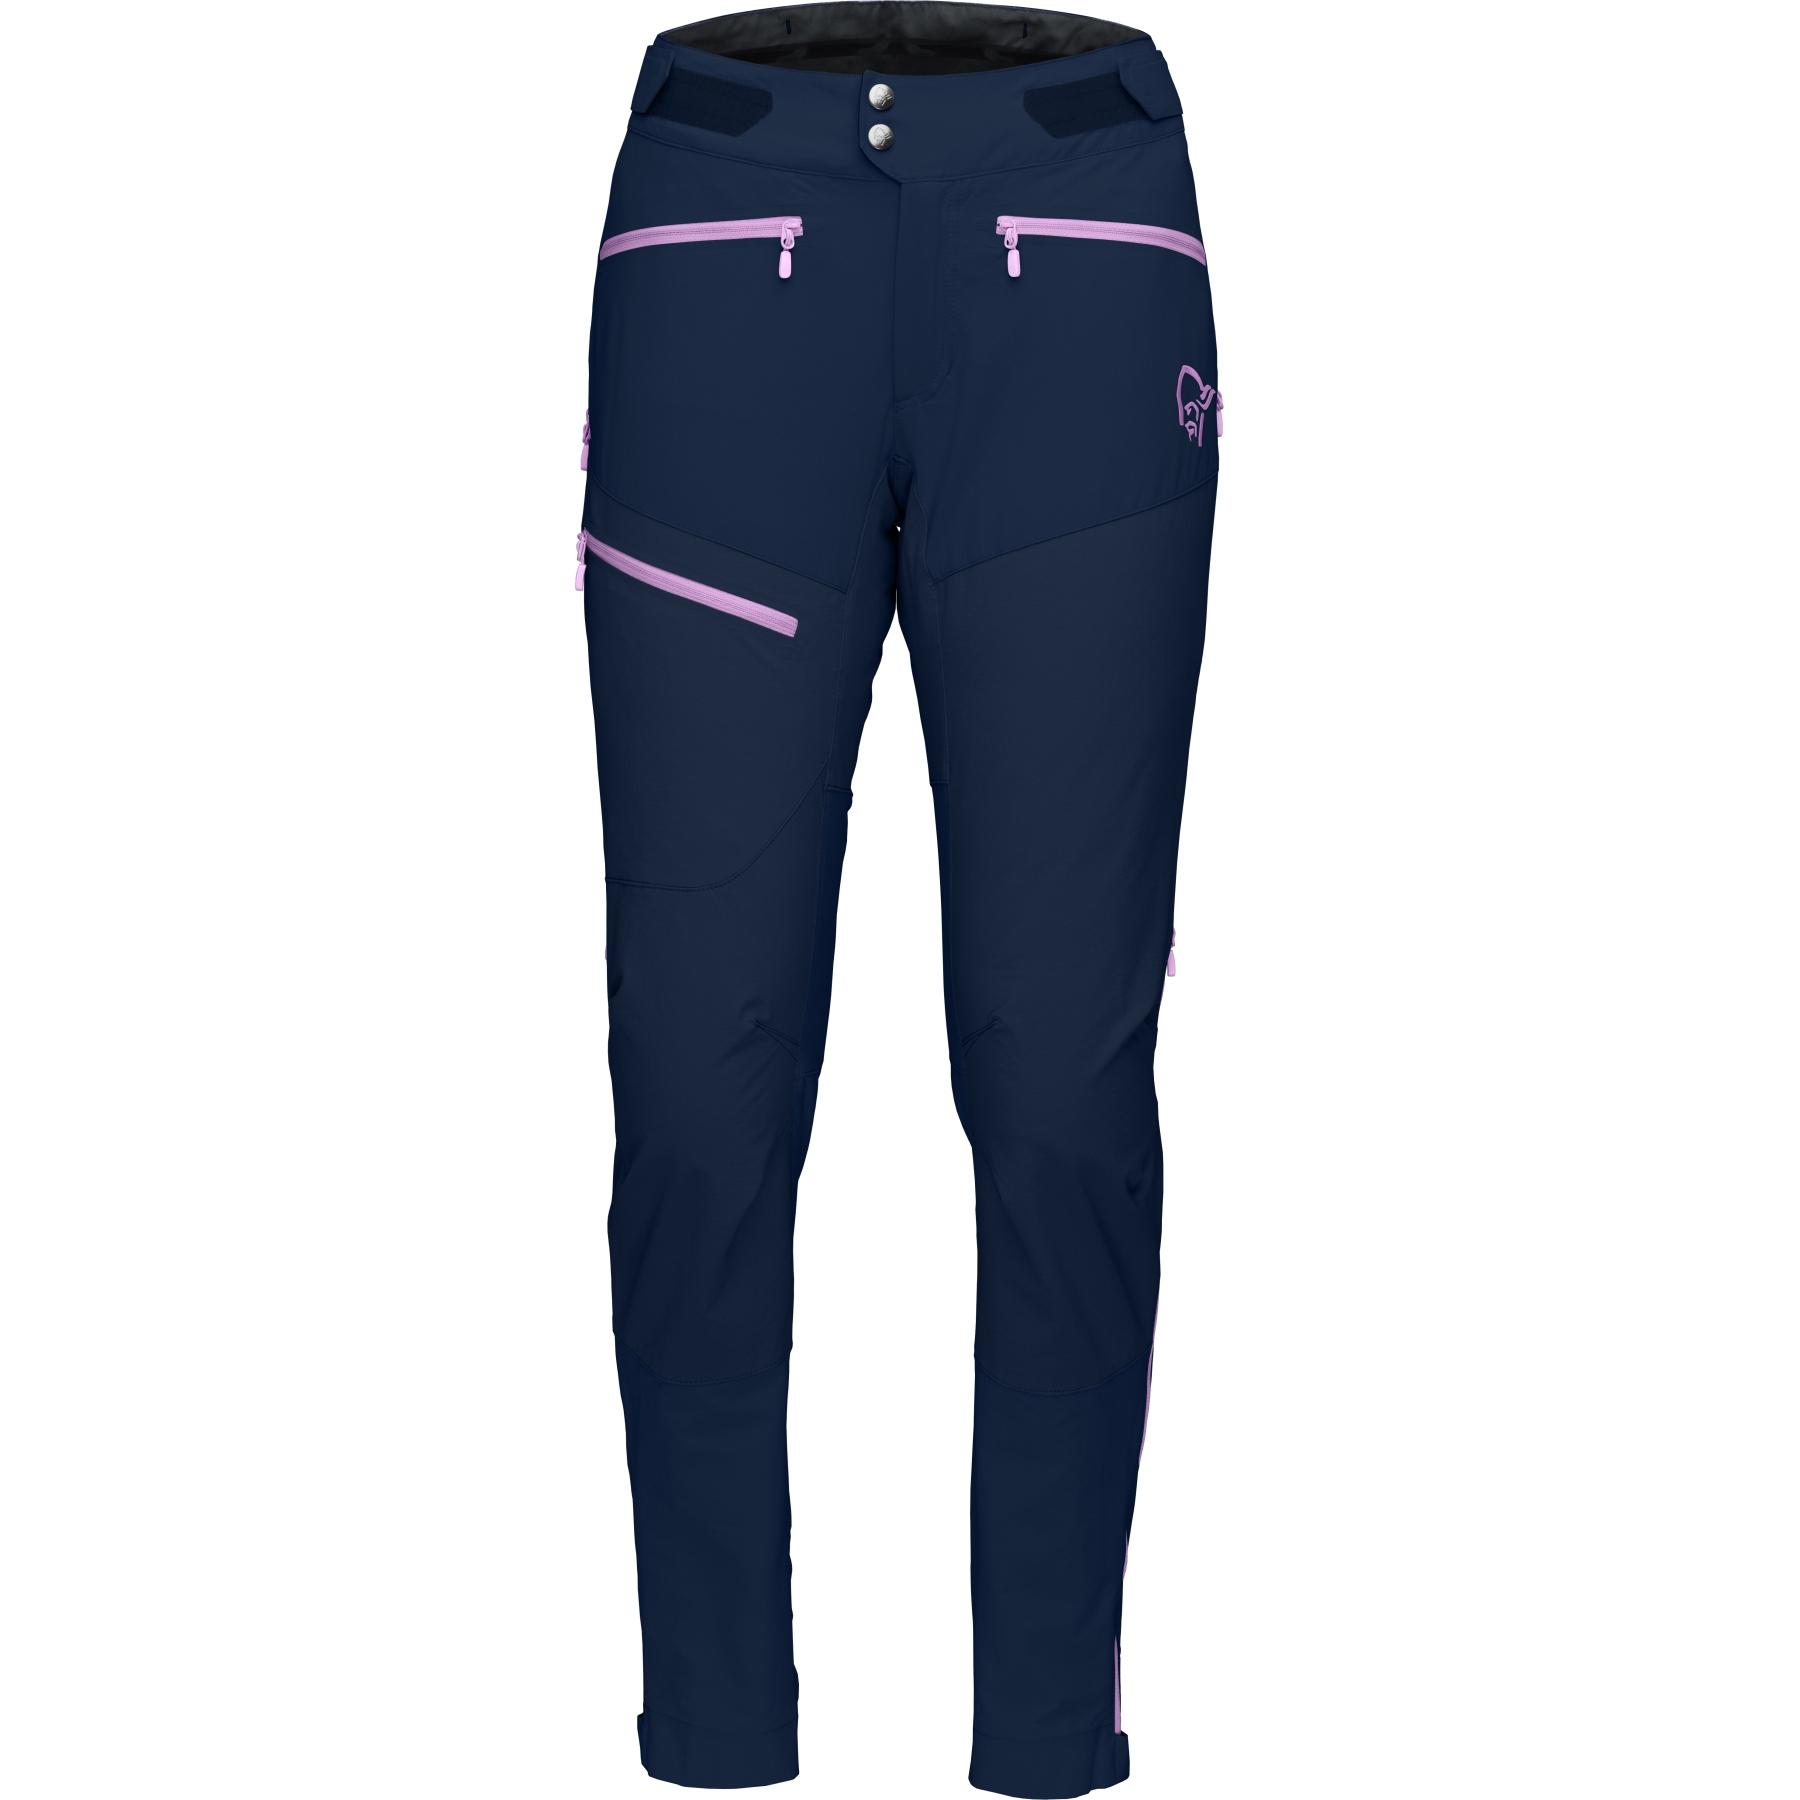 Produktbild von Norrona fjora flex1 Damenhose - Indigo Night/Violet Tulle